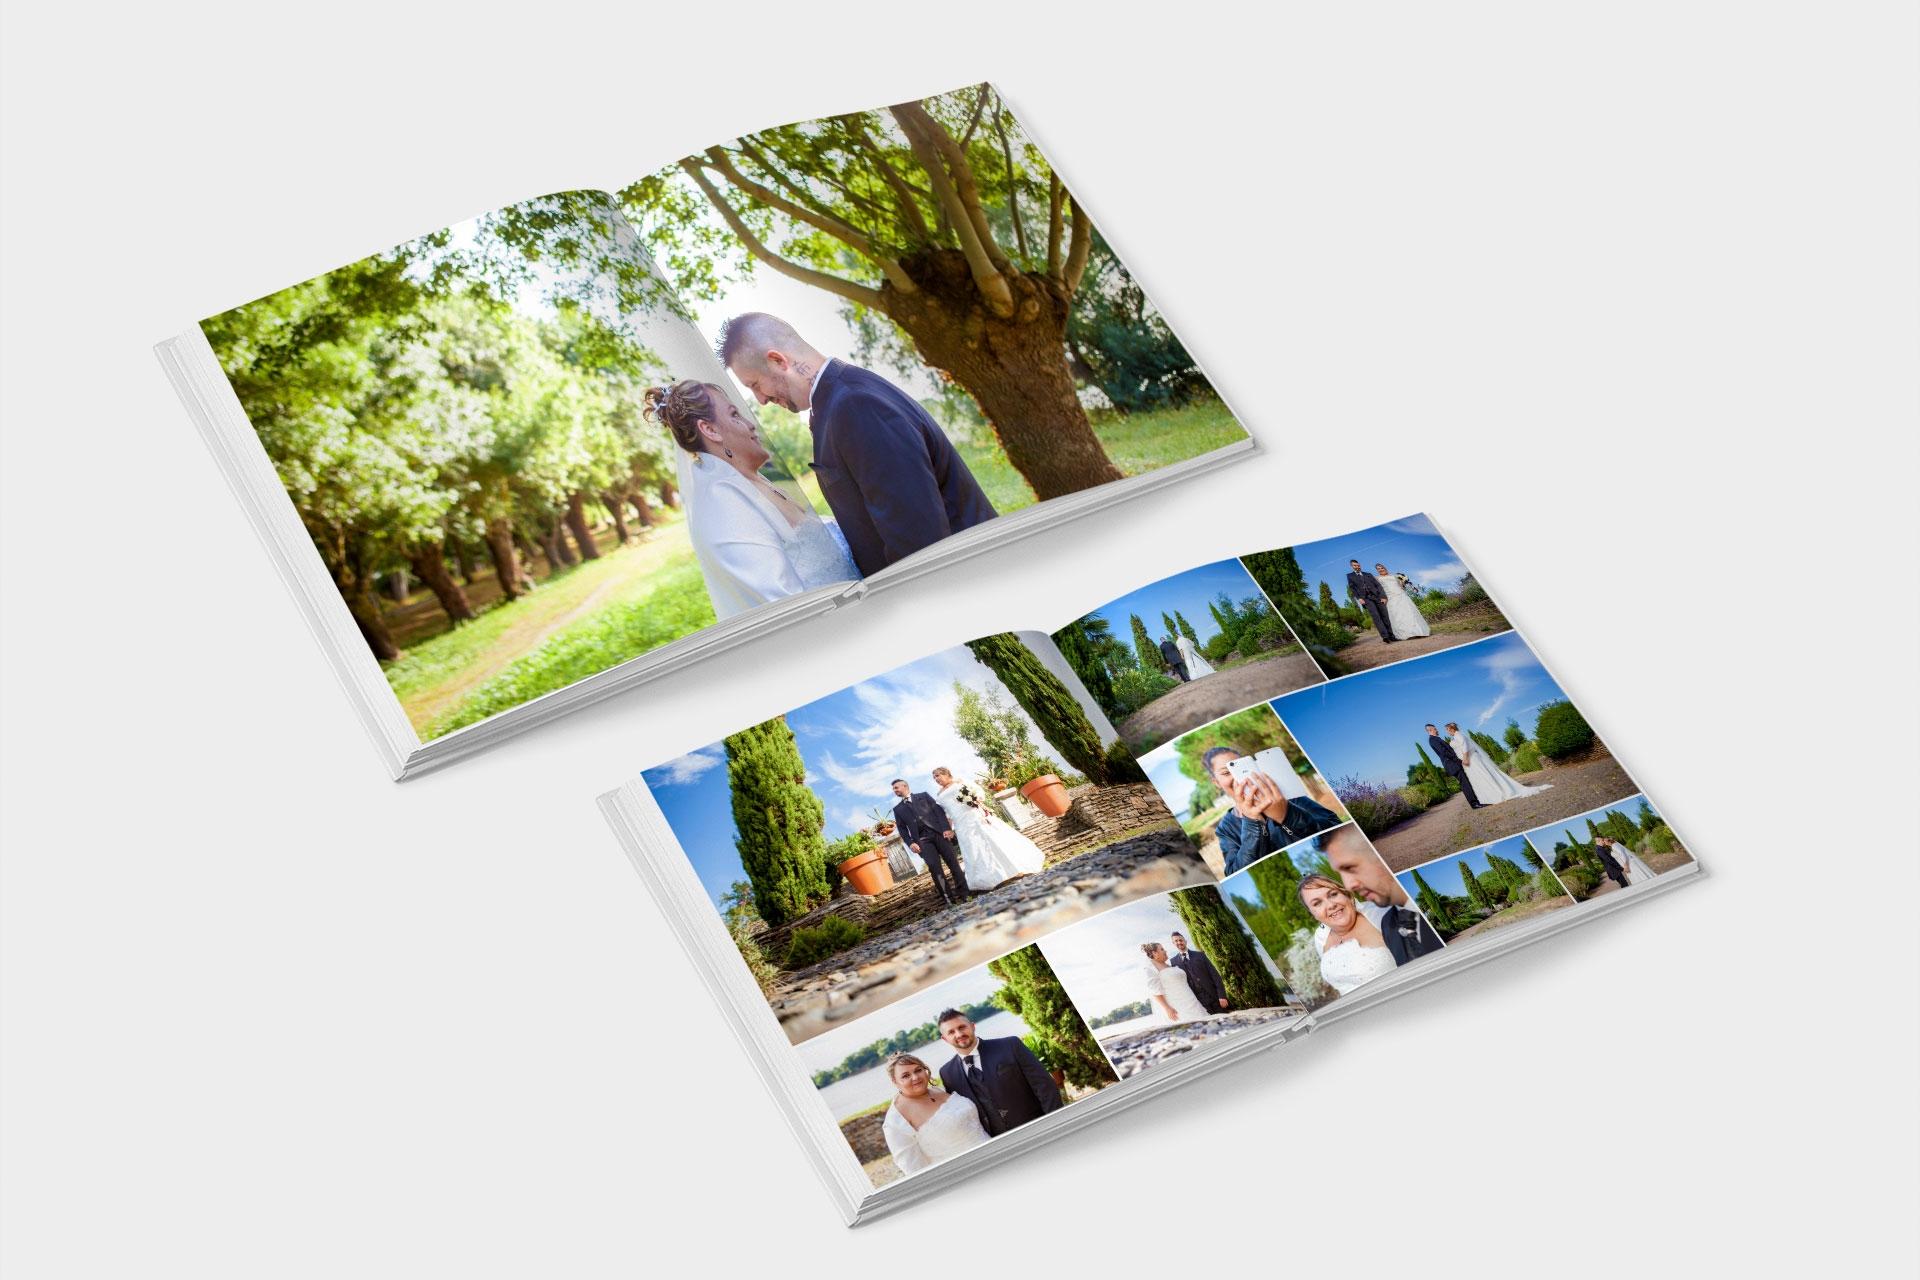 particuliers-creas-album-photo-elodie&wilson